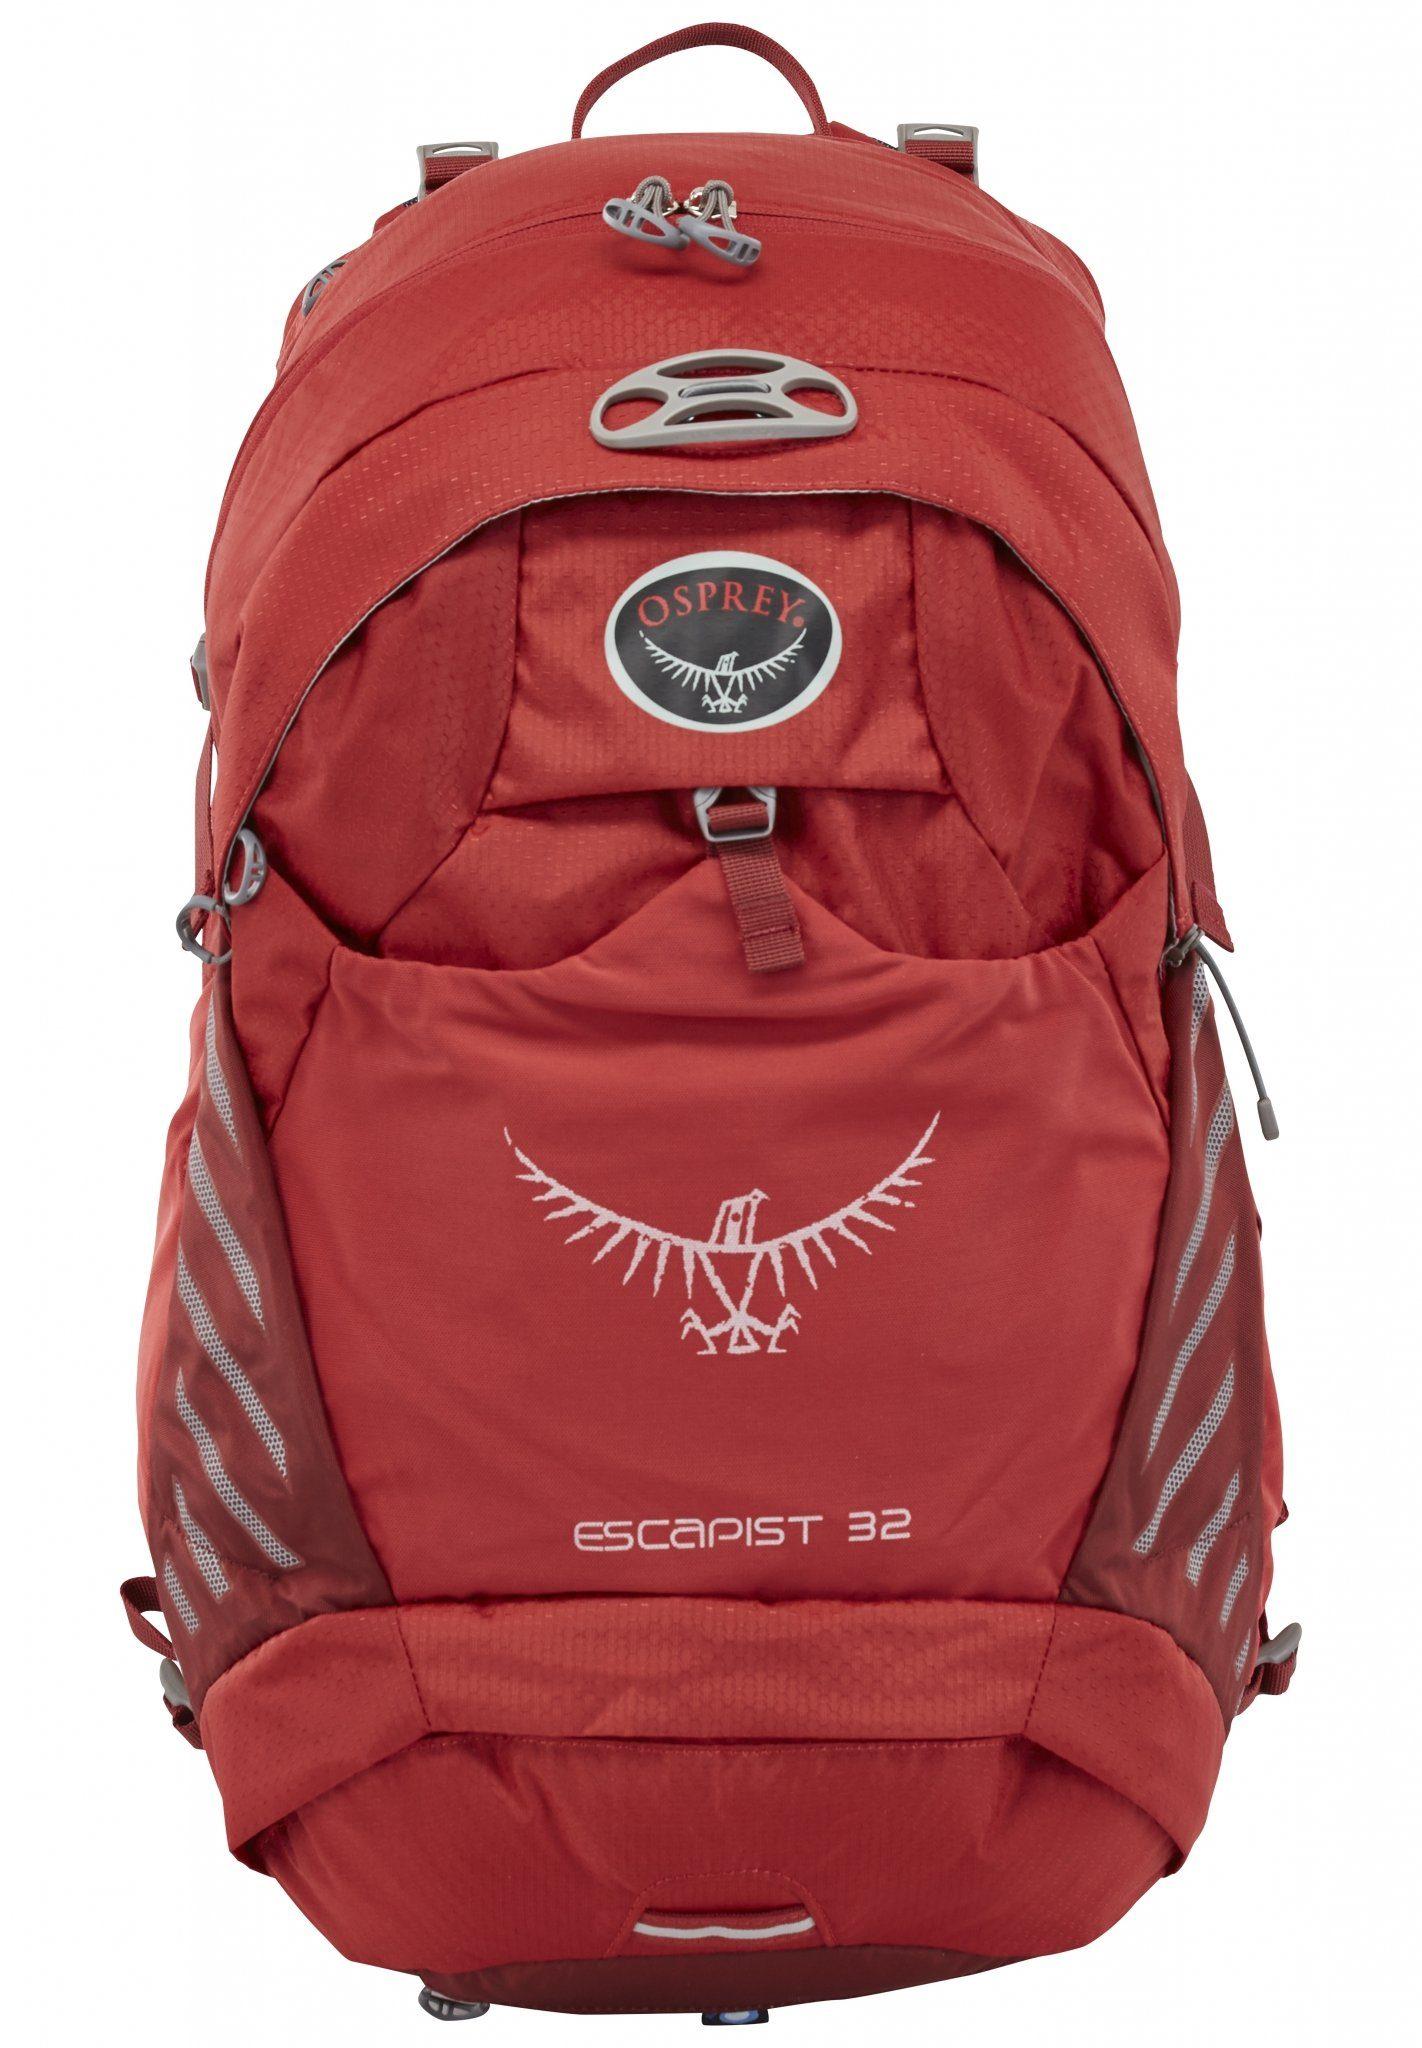 Osprey Rucksack »Escapist 32 Rucksack M/L«